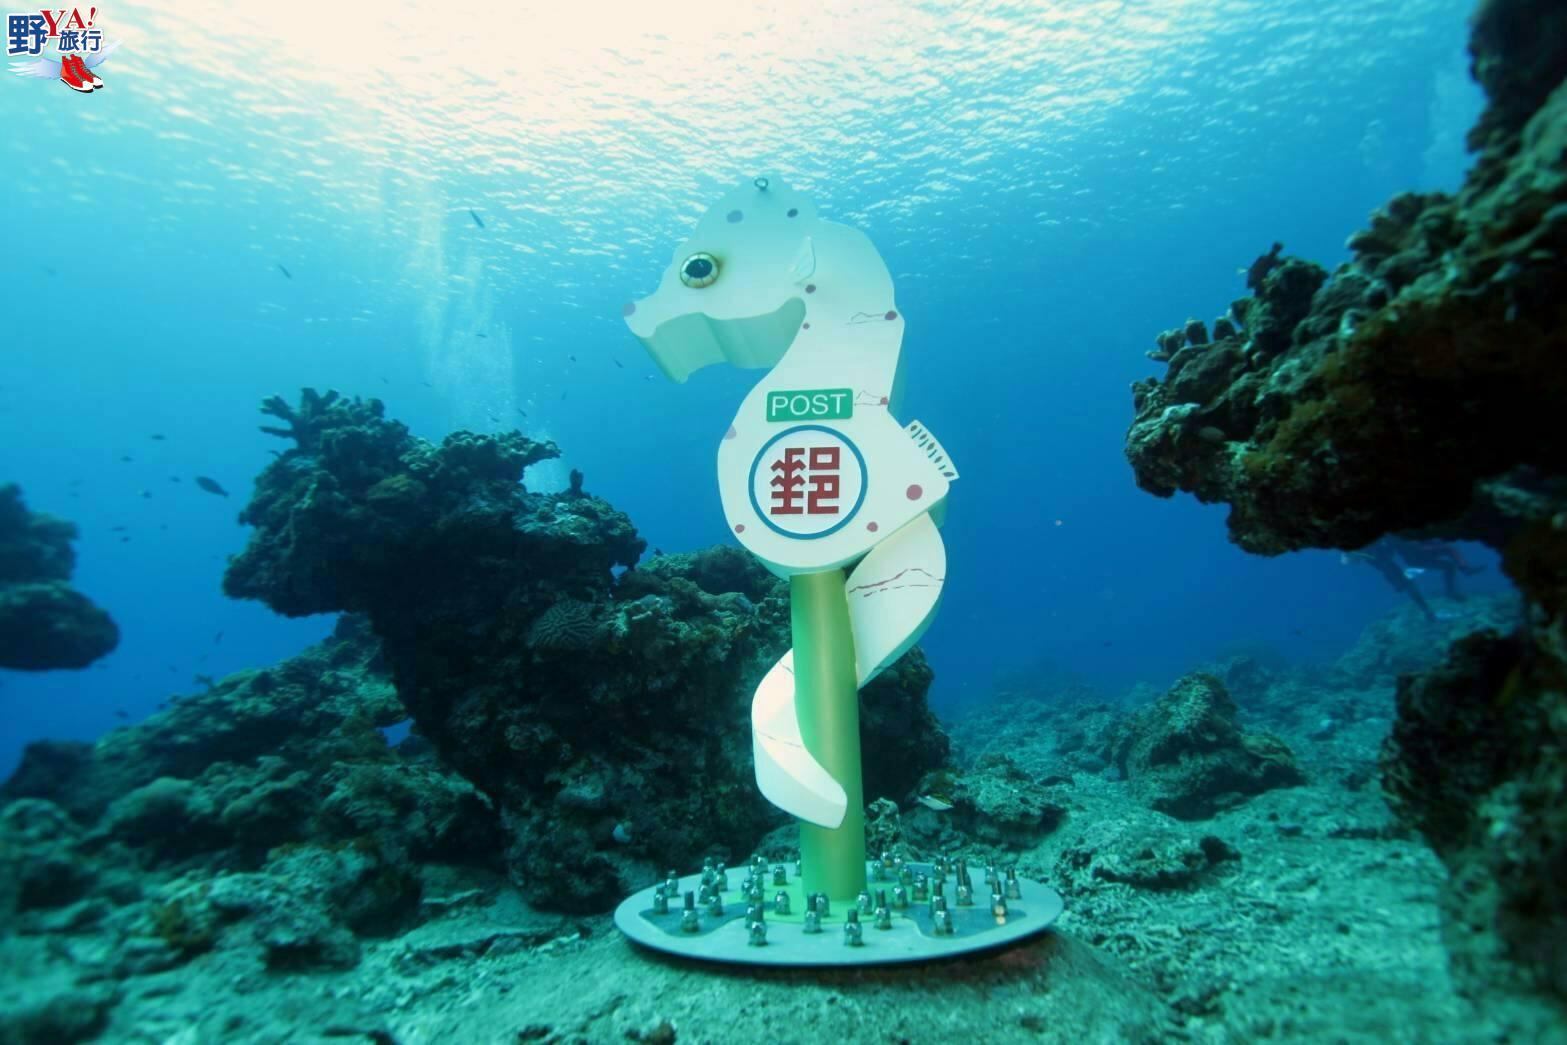 湛藍綠島~台灣史上最高獎金 綠島潛水攝影比賽等您來挑戰 @YA 野旅行-旅行不需要理由